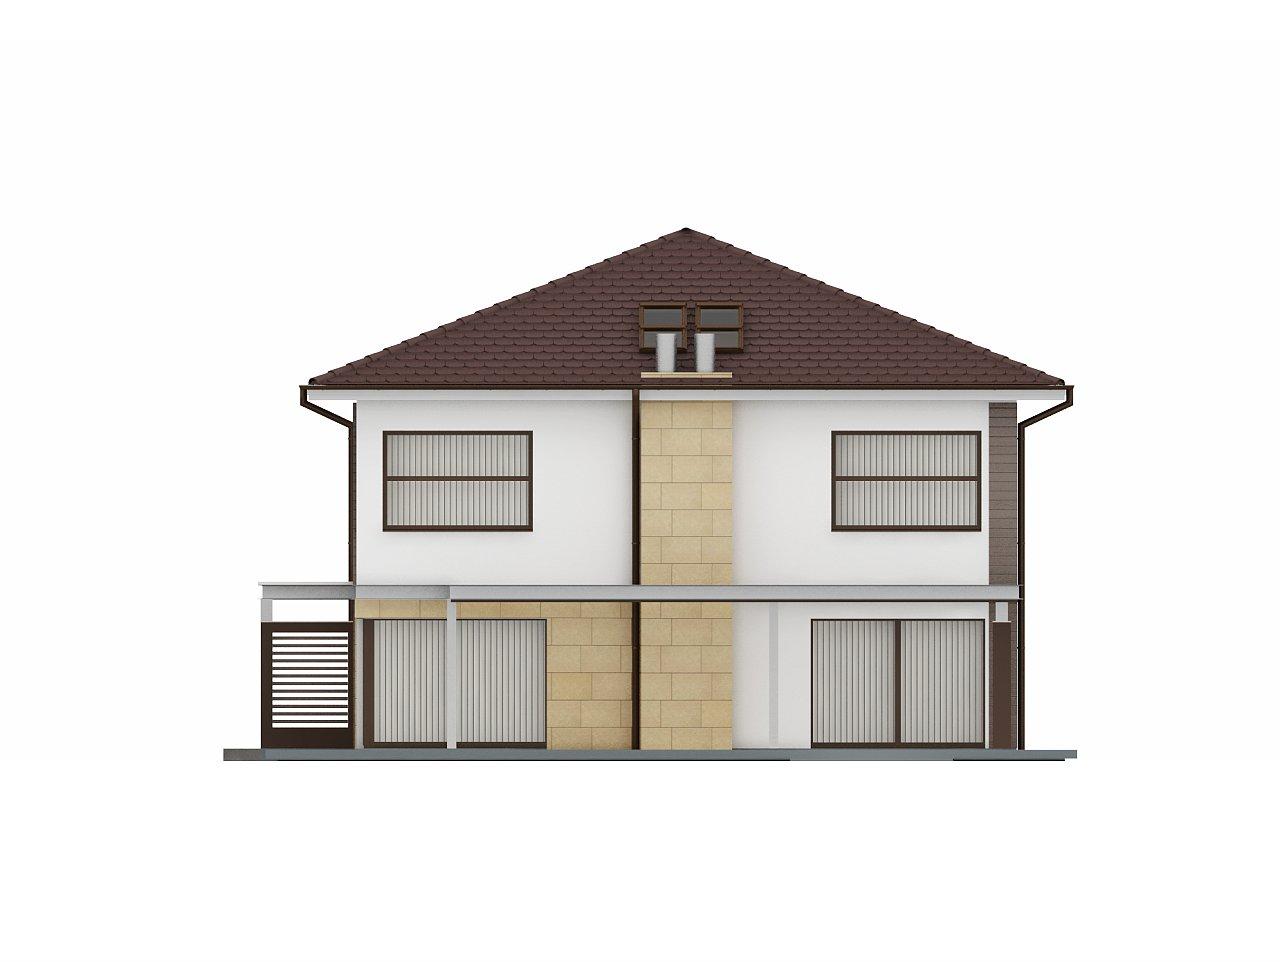 Двухэтажный дом простой формы со вторым светом над гостиной и встроенным гаражом. - фото 6